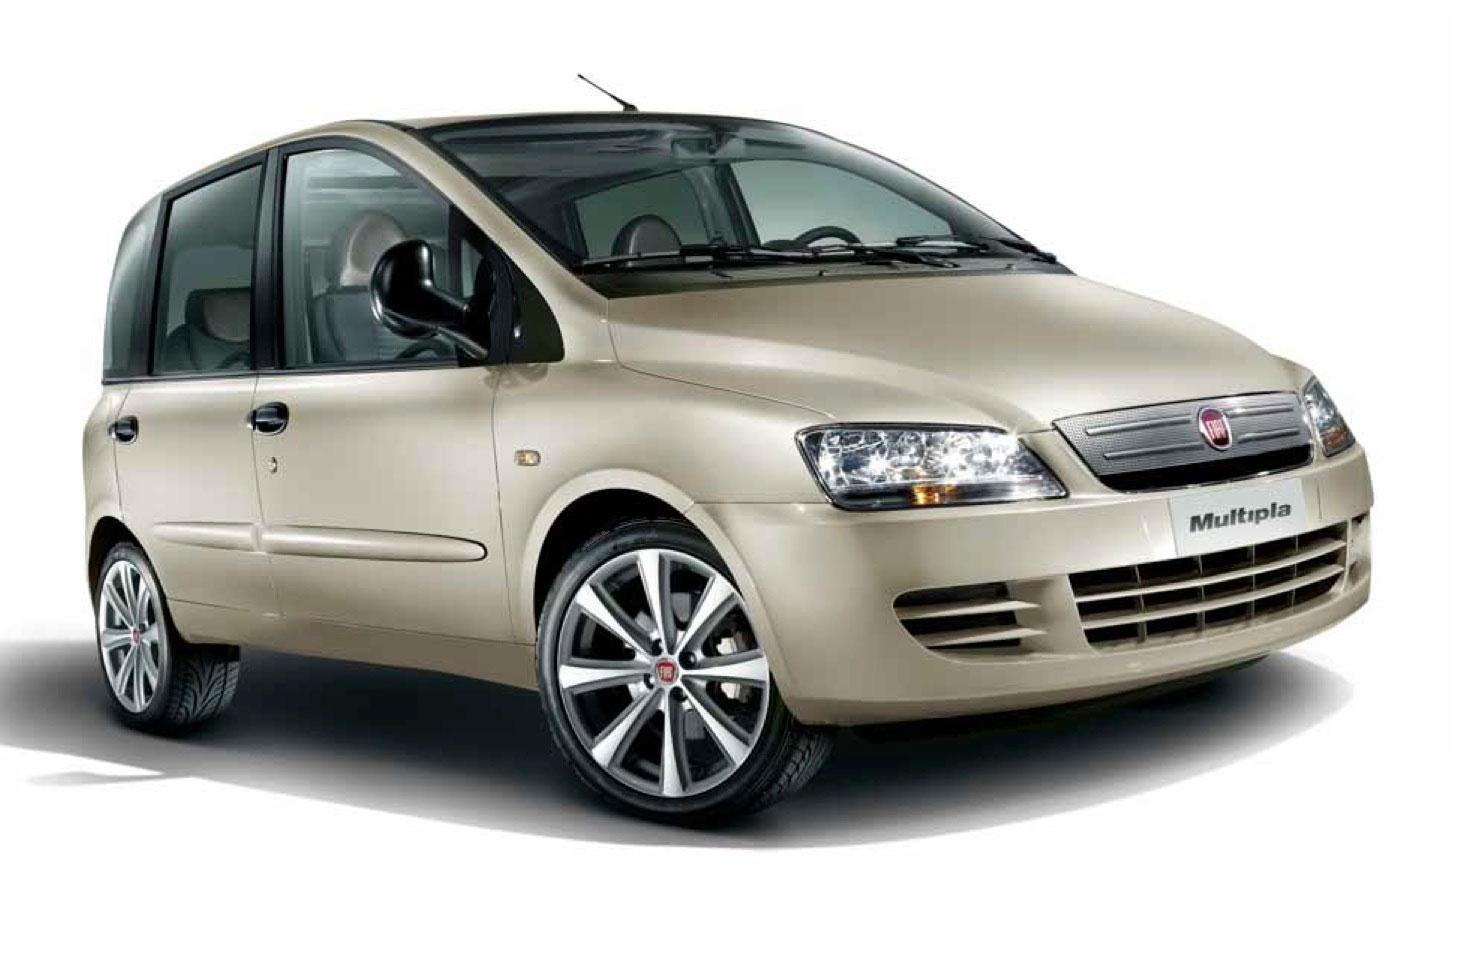 New Fiat Multipla